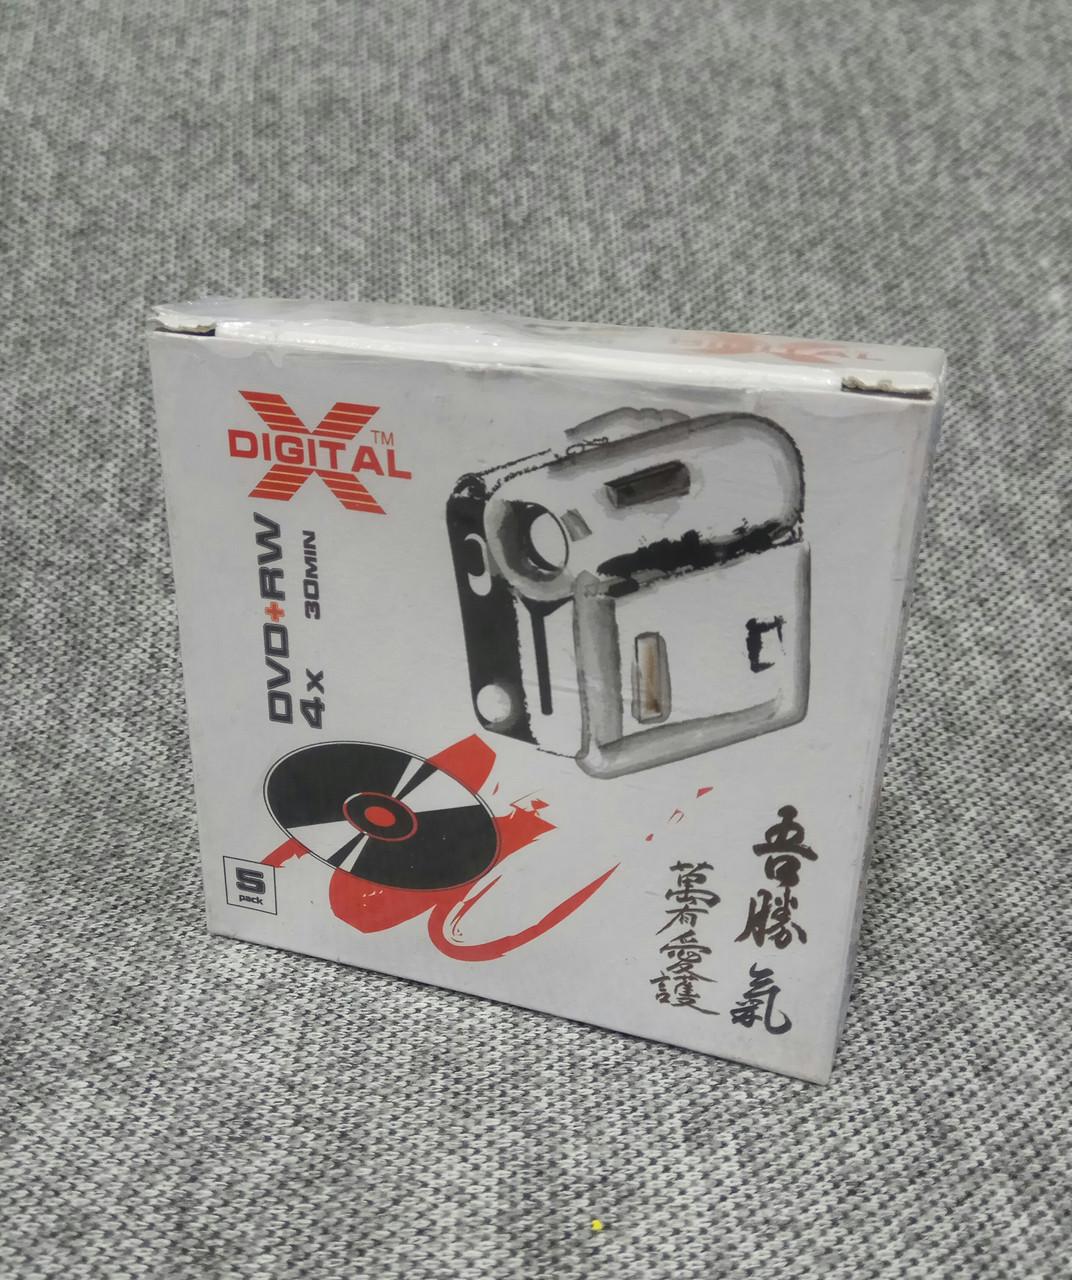 Диски для камер mini DVD+RW X-DIGITAL